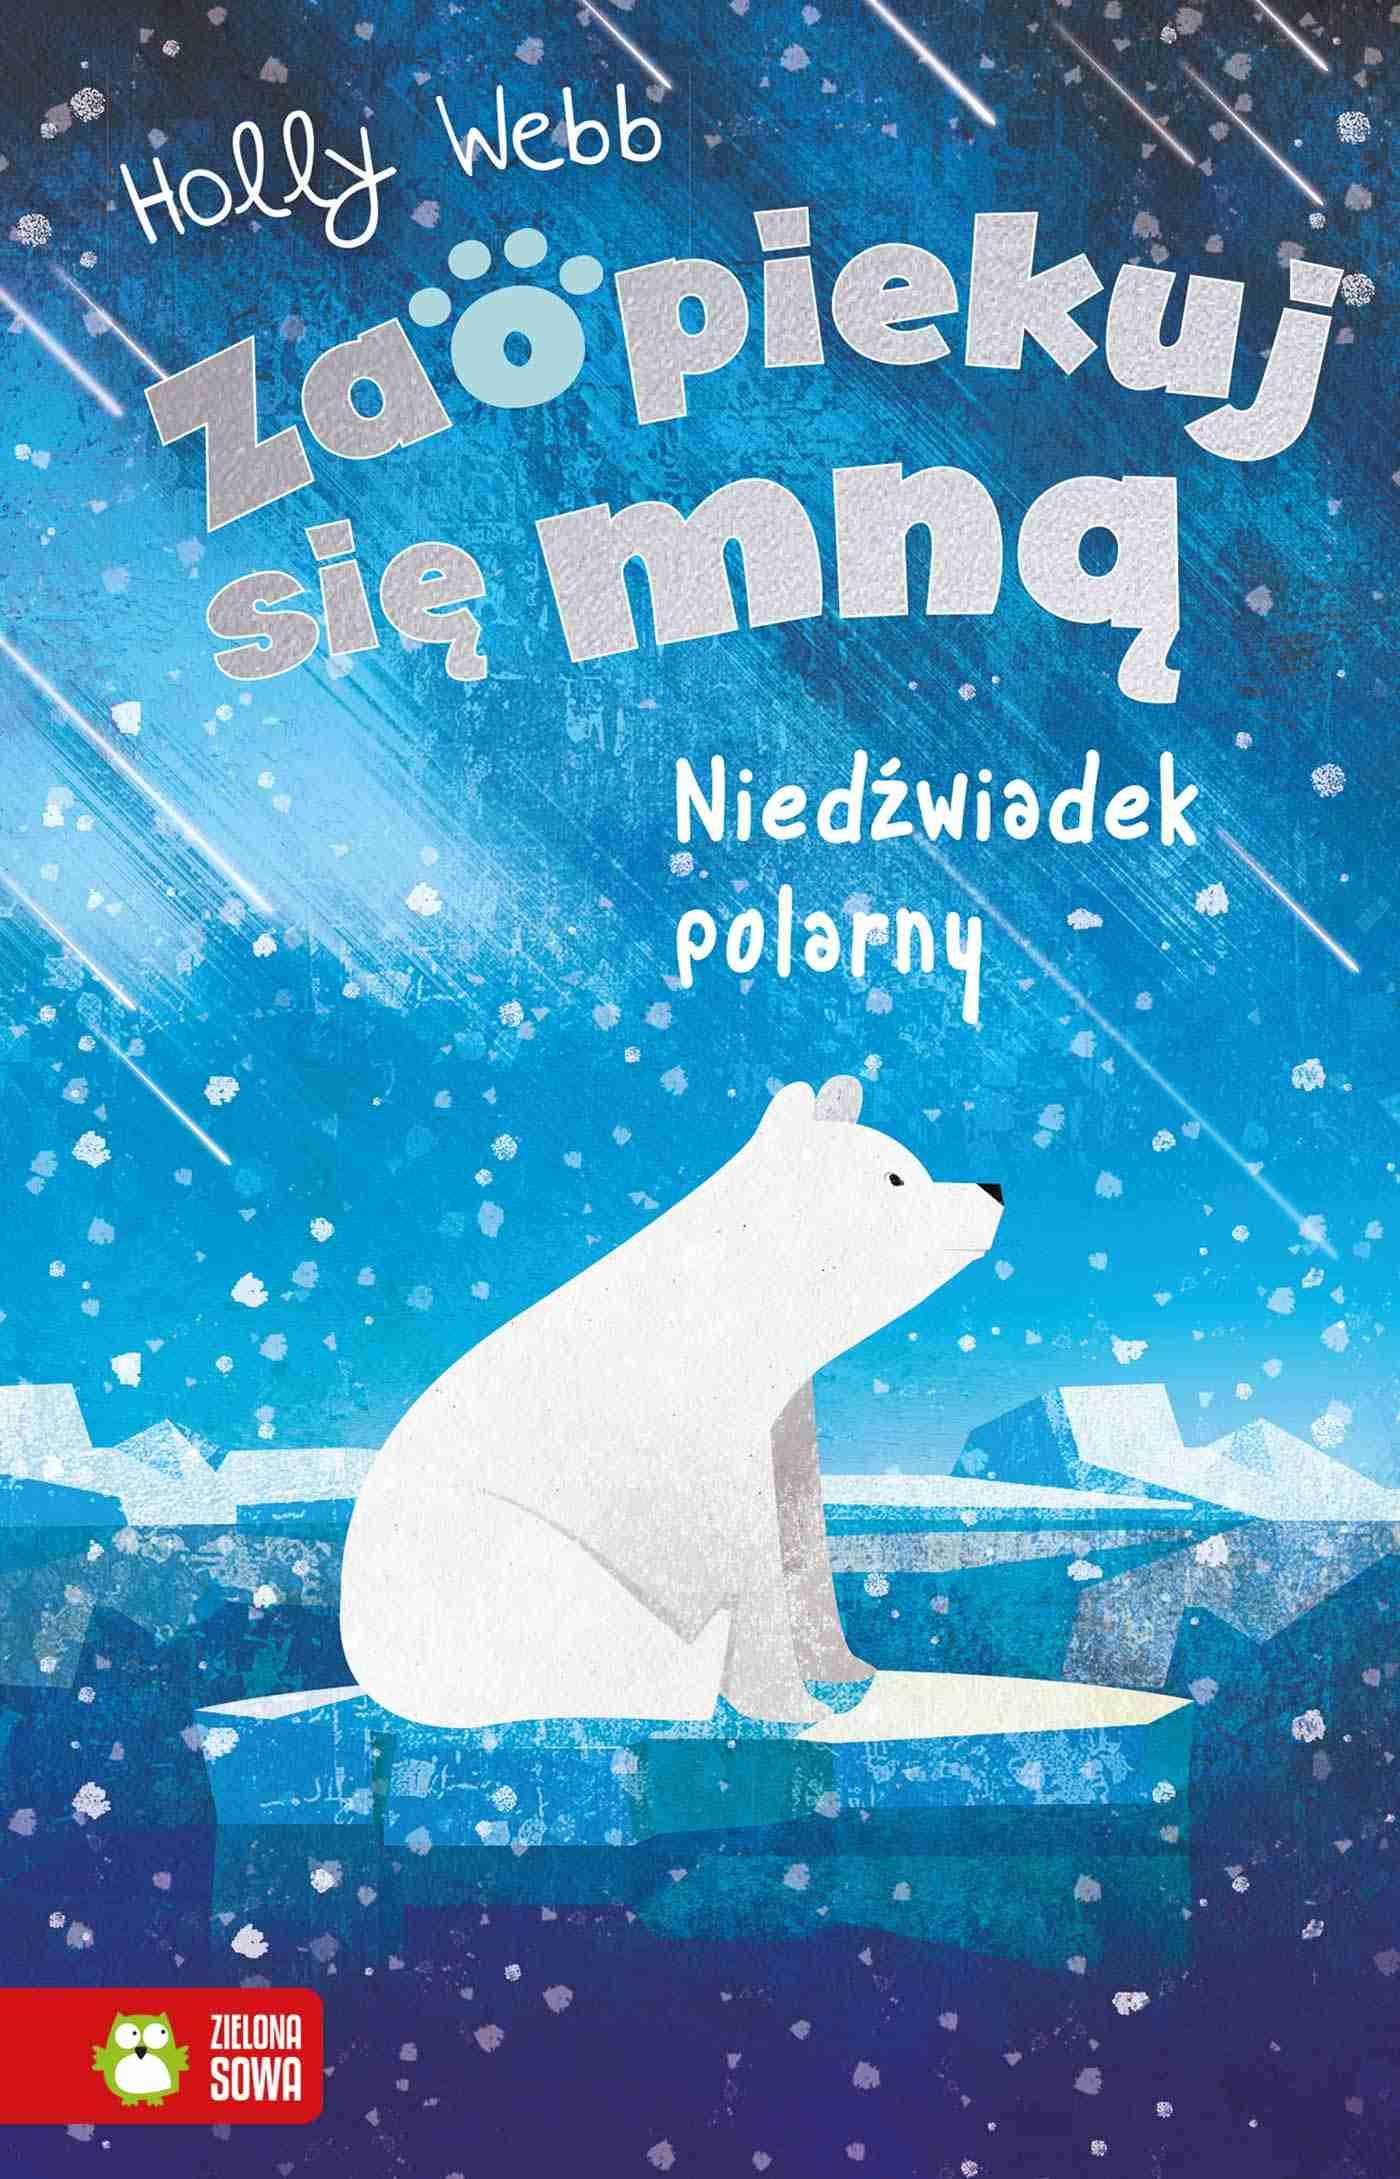 Niedźwiadek polarny - Ebook (Książka EPUB) do pobrania w formacie EPUB